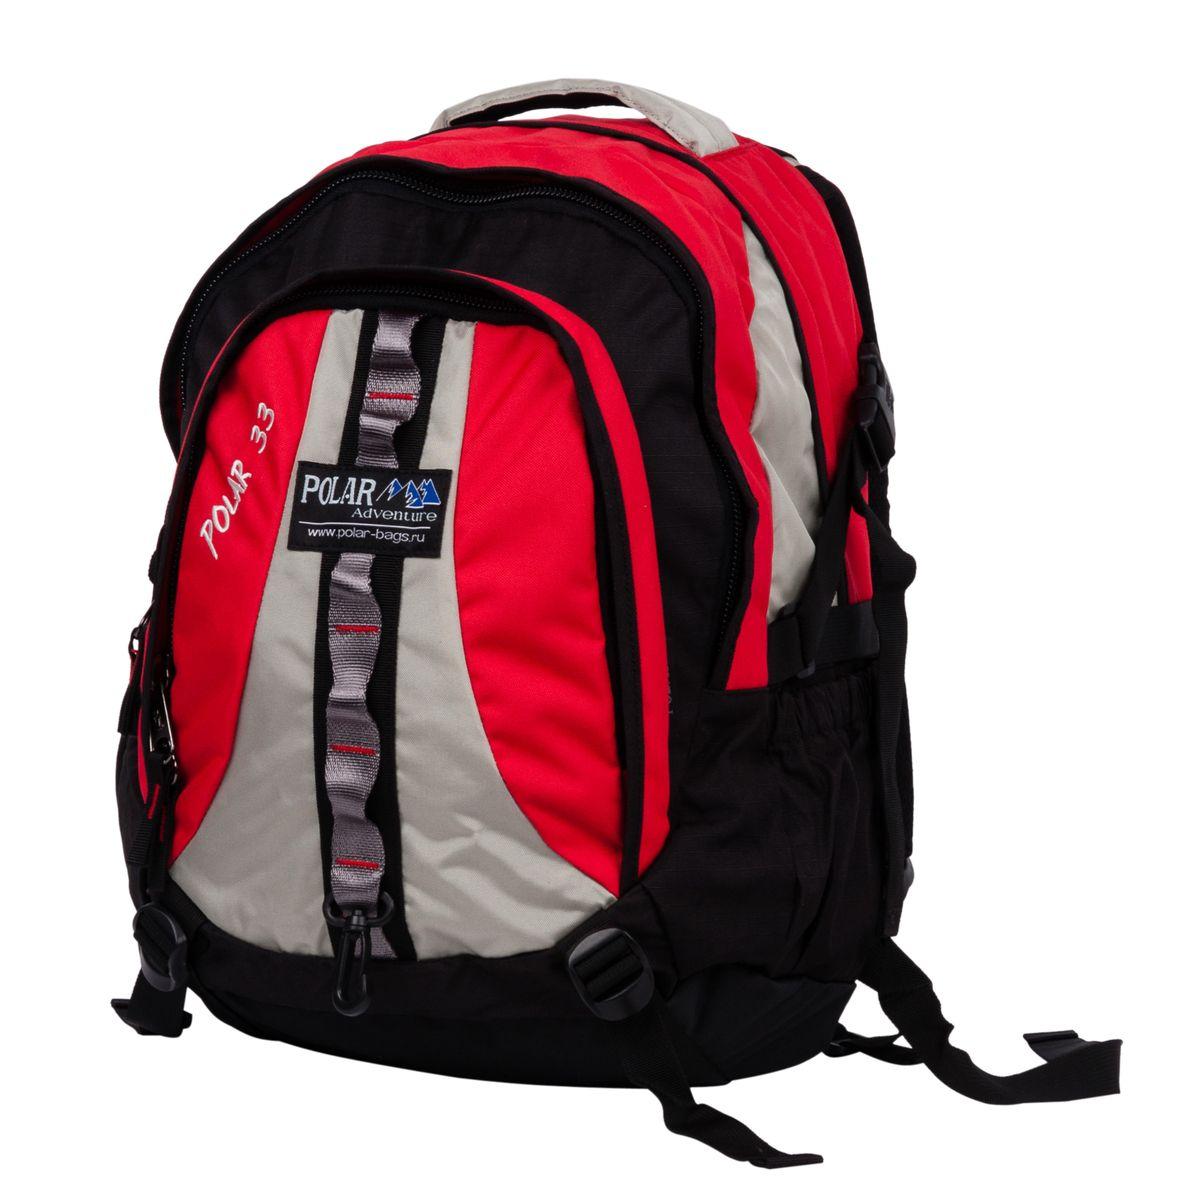 Рюкзак городской Polar, 27 л, цвет: красный. П1002-01П1002-01Небольшой, вместительный рюкзак фирмы Polar. Полностью вентилируемая спинка с системой Aircomfort, мягкие плечевые лямки создают дополнительный комфорт при ношении. Центральный отсек для персональных вещей и внутренним карманом для папки А4. Маленький карман для mp3, CD плеера. Выход под наушники. Большой передний карман с органайзером. Так же есть грудные стяжки, фиксирующие его удобное положение. Боковой карман из трикотажной сетки для бутылки с водой. Дождевик специальной формы на рюкзак, защищает его от намокания в дождливую погоду.